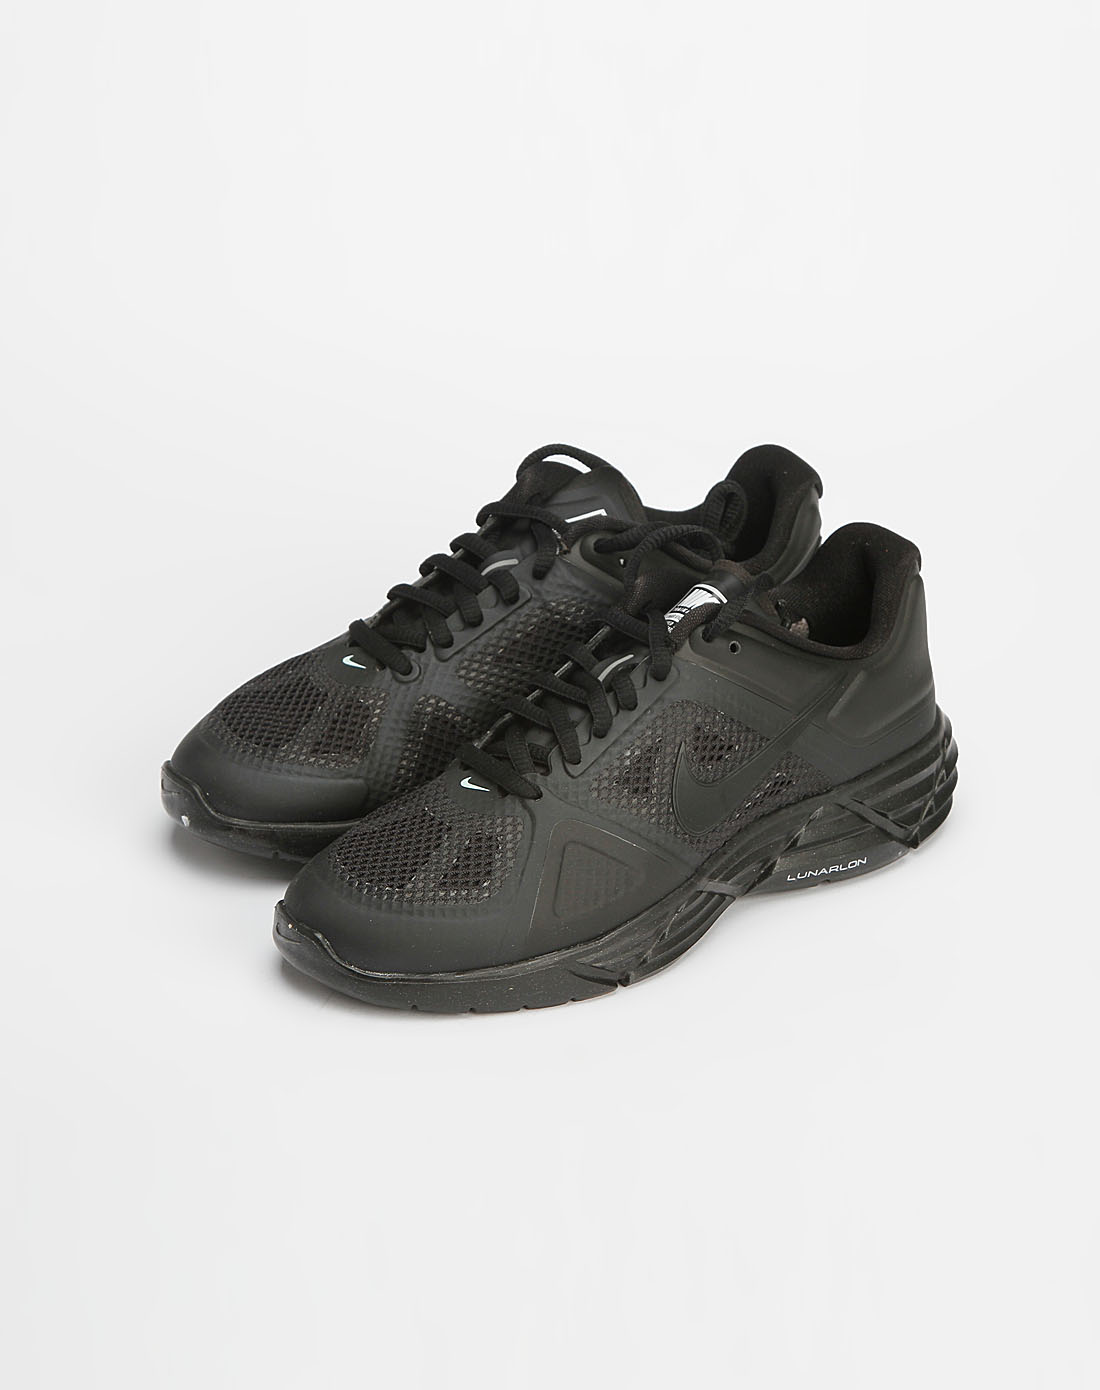 耐克nike男女款黑色网面绑带运动鞋429787-003